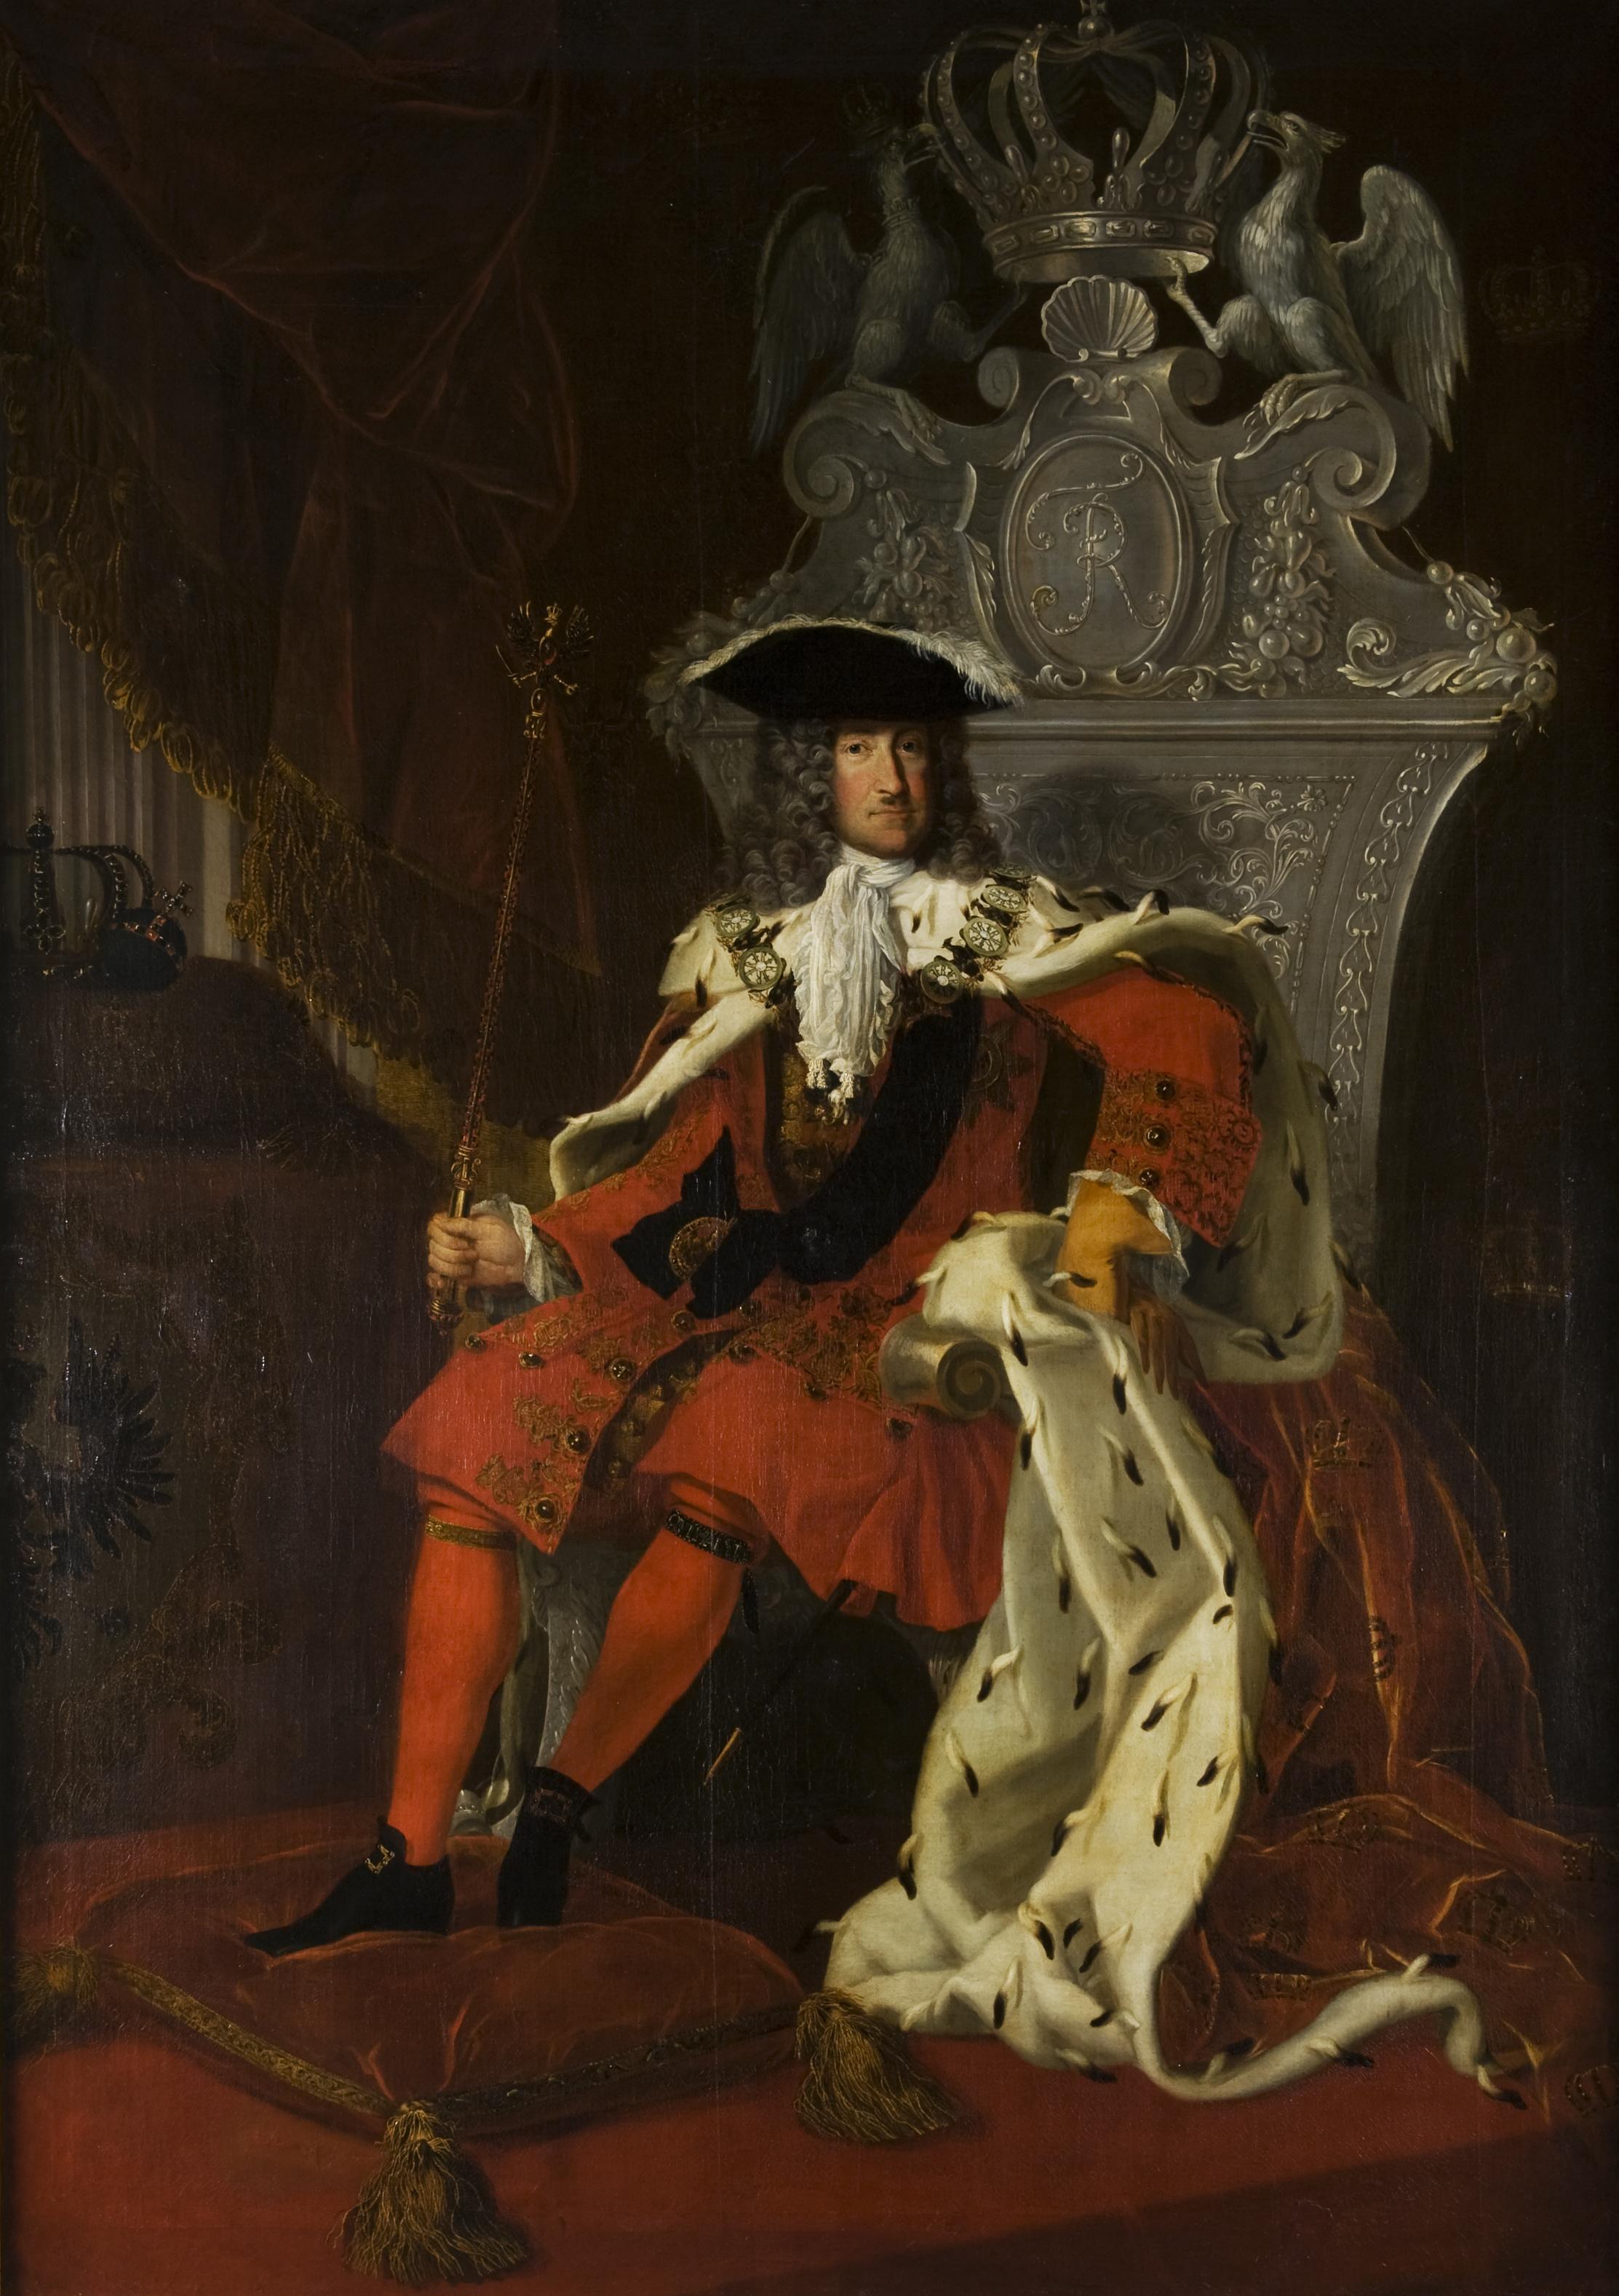 Frédéric Ier (1657-1713) , 1ère moitié du 18e siècle, anonyme, huile sur toile